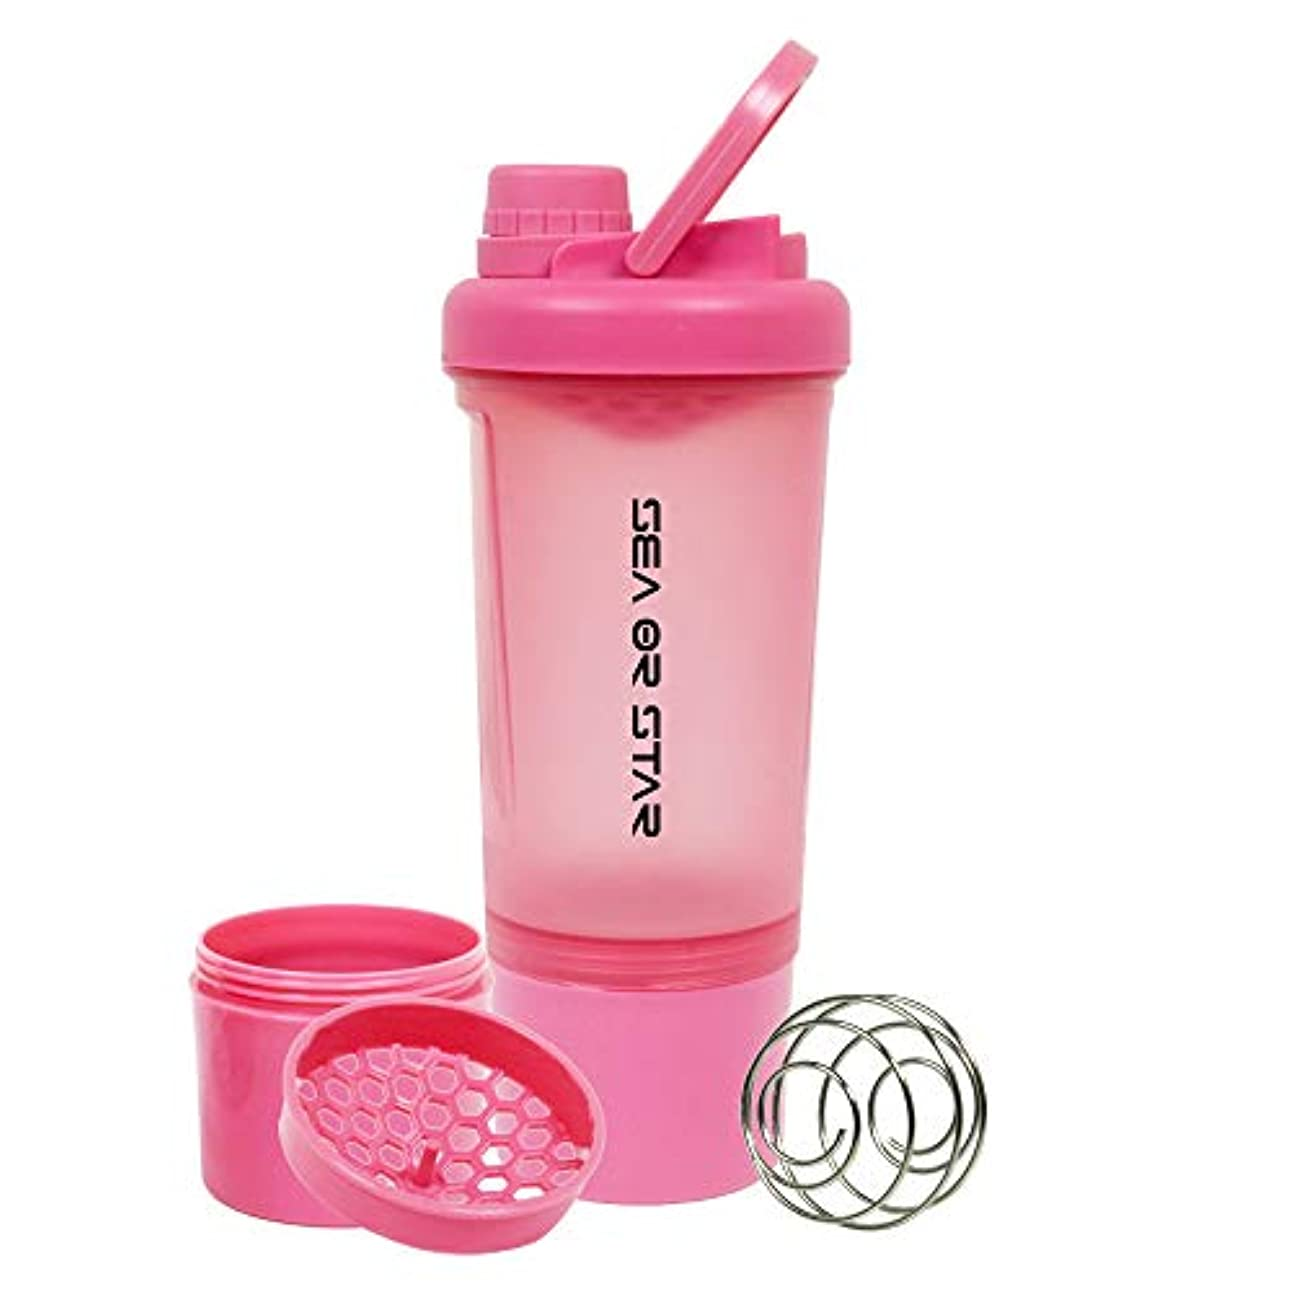 皿に頼るビジョンSEA or STAR プロテインシェーカーボトル 17オンス シェーカーボール ミキシンググリッド含まれ 屋外フィットネス用のストレージ(ピンク)